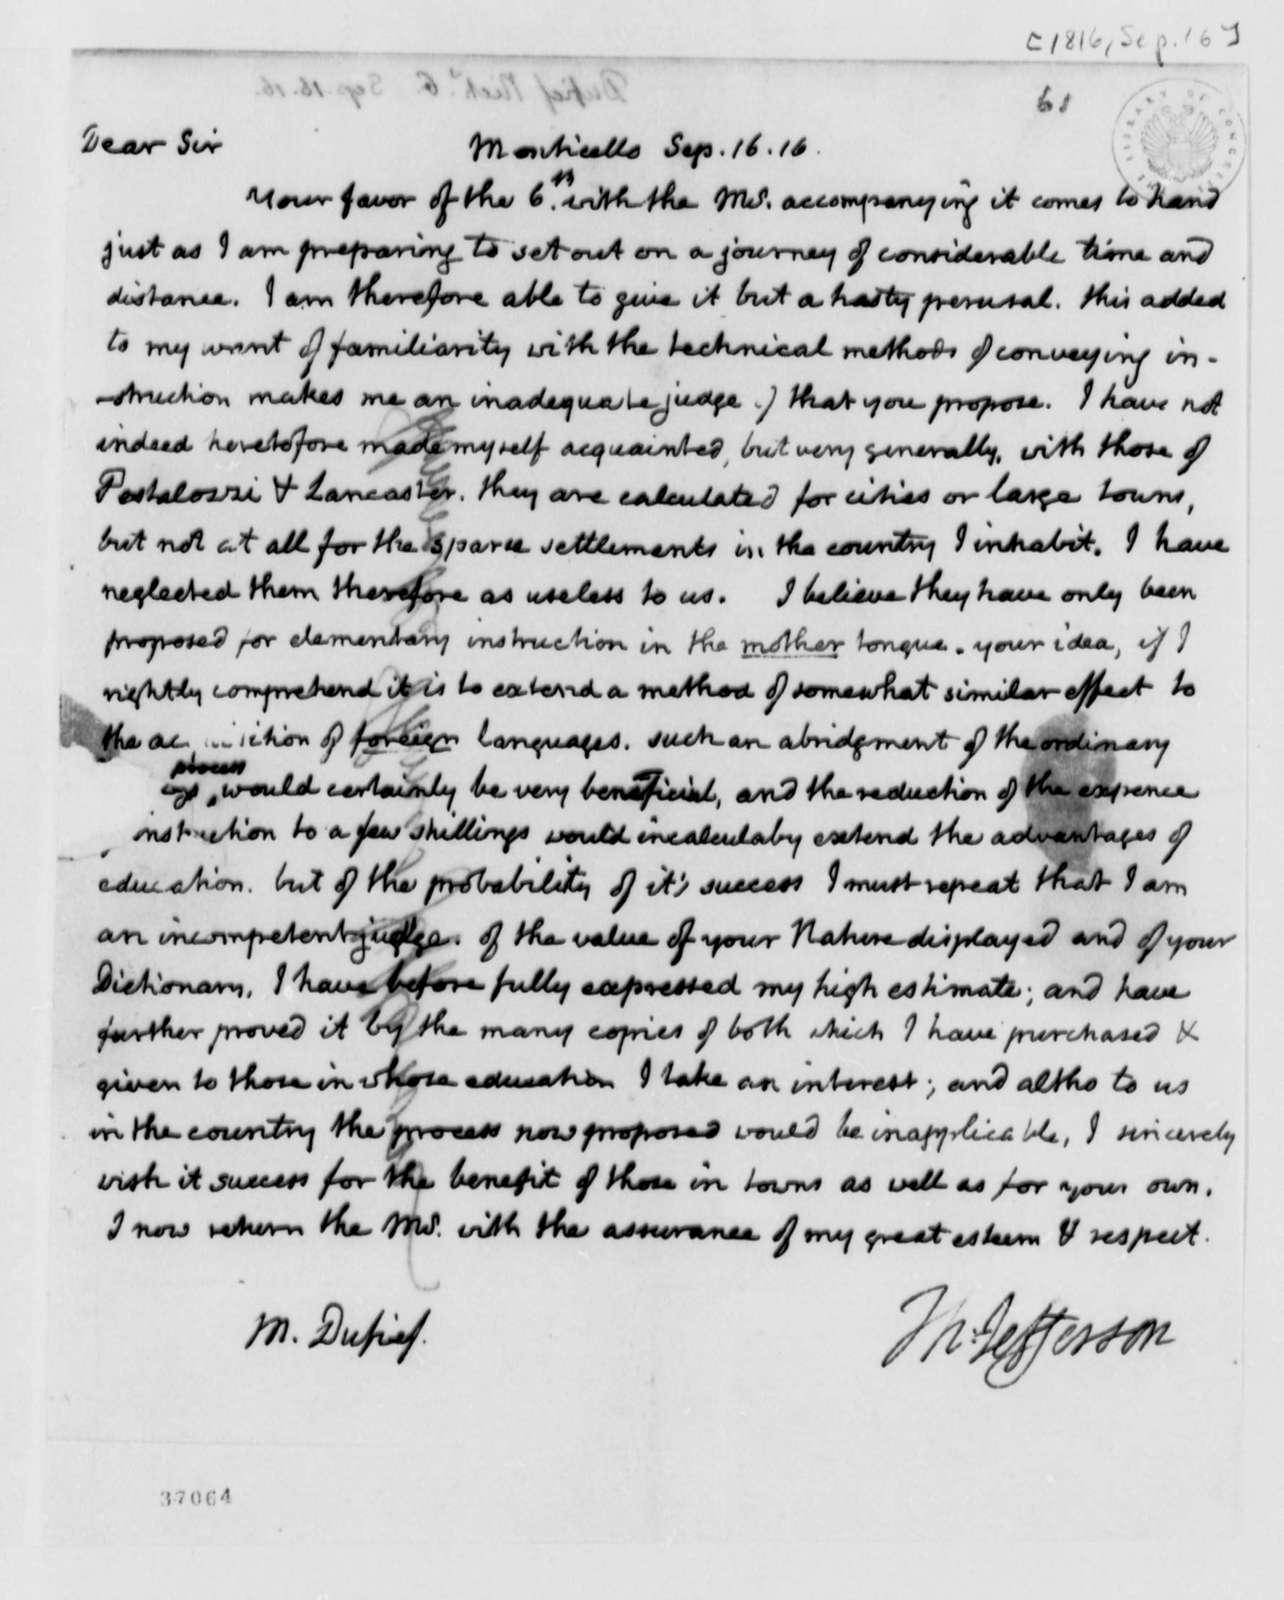 Thomas Jefferson to Nicholas Gouin Dufief, September 16, 1816